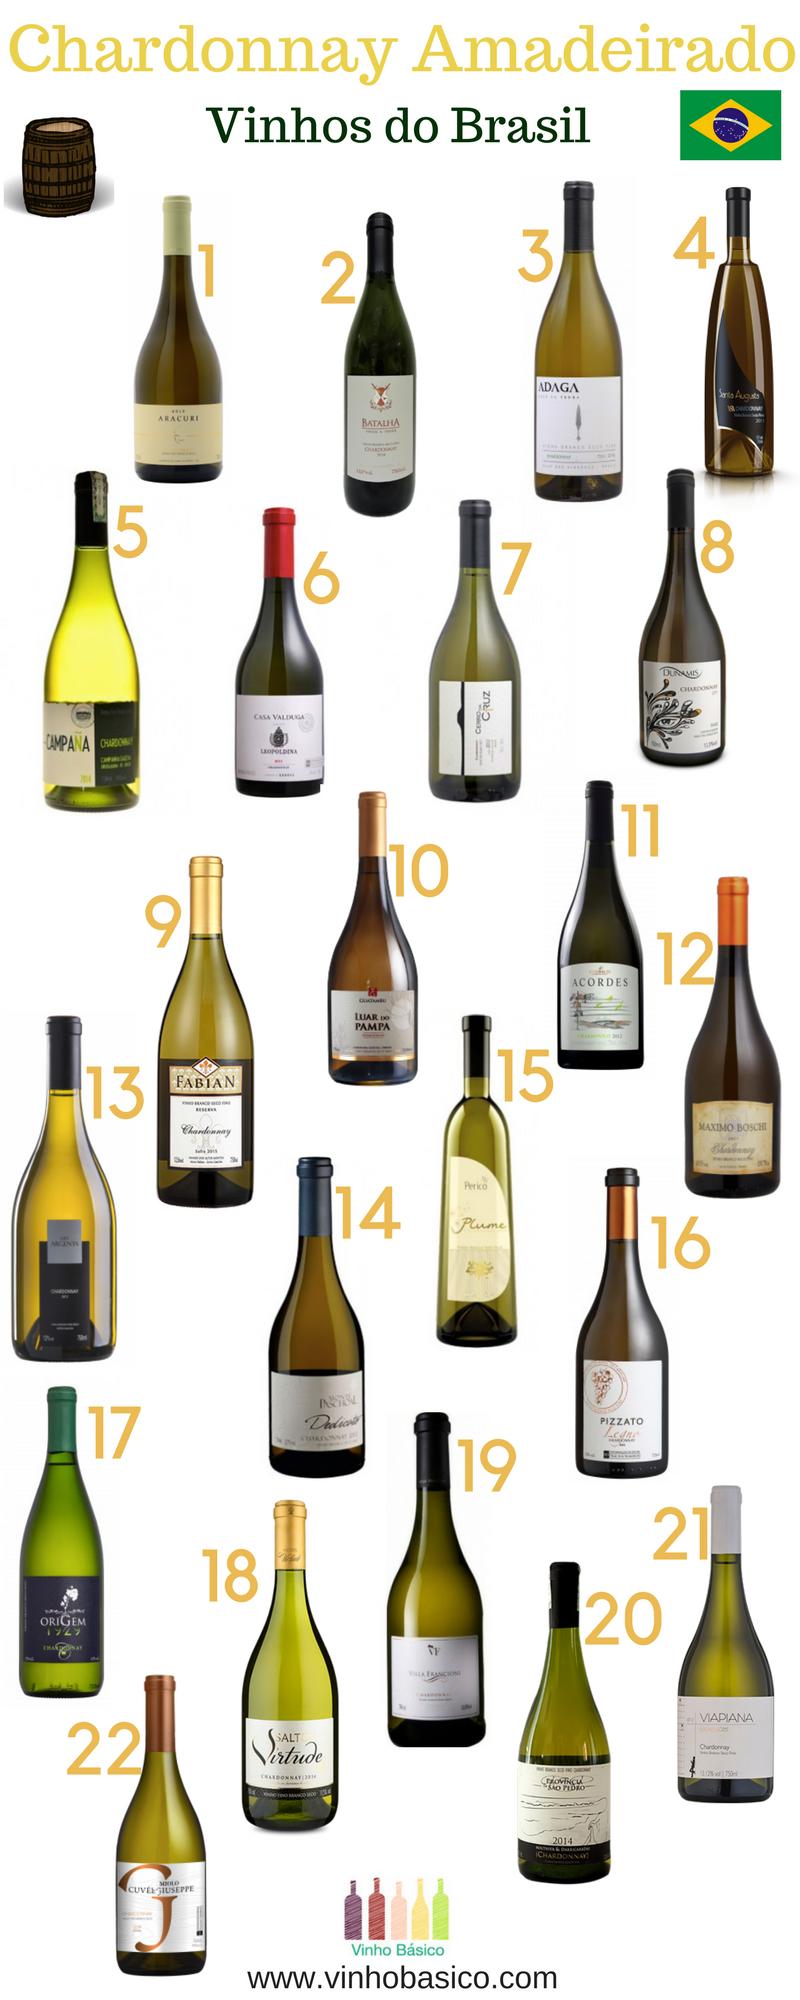 Chardonnay amadeirado vinhobasico